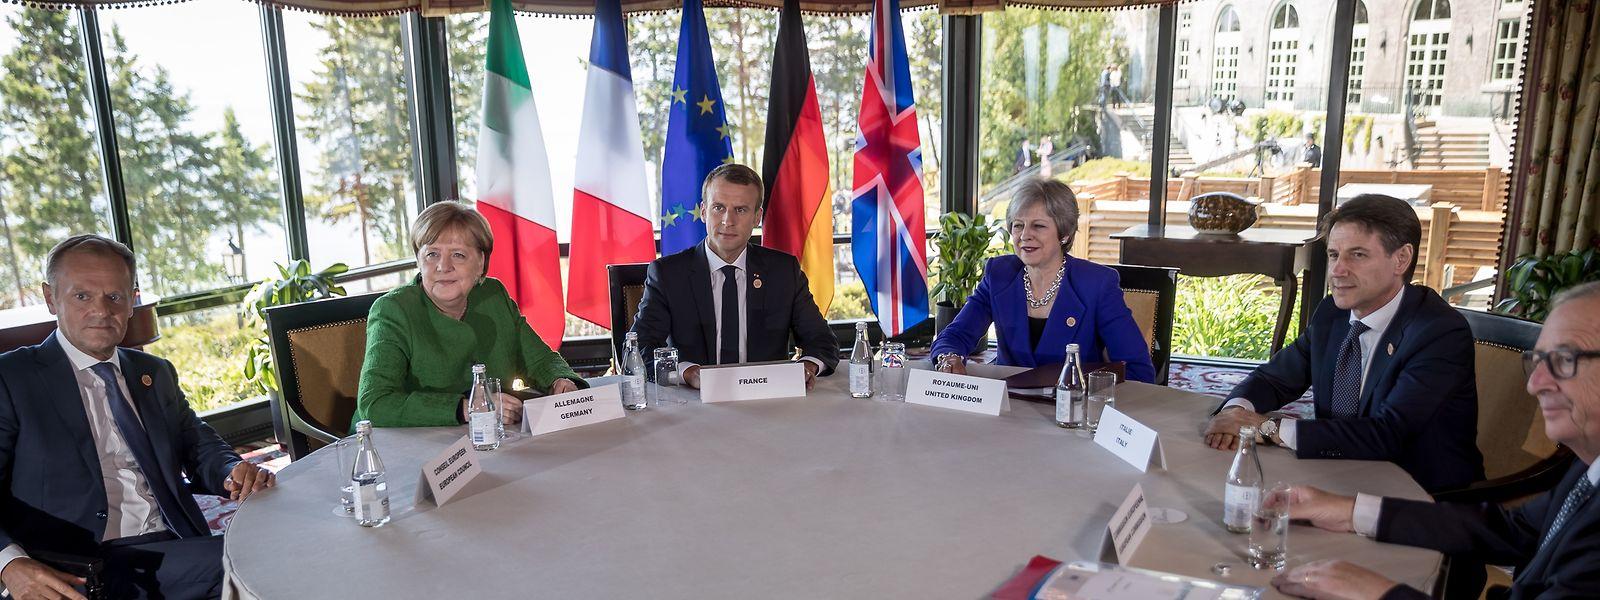 Die deutsche Bundeskanzlerin Angela Merkel, (2.v.l), spricht mit (l-r) Donald Tusk, EU-Ratspräsident, Emmanuel Macron, Präsident von Frankreich, Theresa May, Premierministerin von Großbritannien, Giuseppe Conte, Ministerpräsident von Italien, und Jean-Claude Juncker, EU-Kommissionspräsident, bei einem Treffen der Europäer vor Beginn des G7 Gipfels.